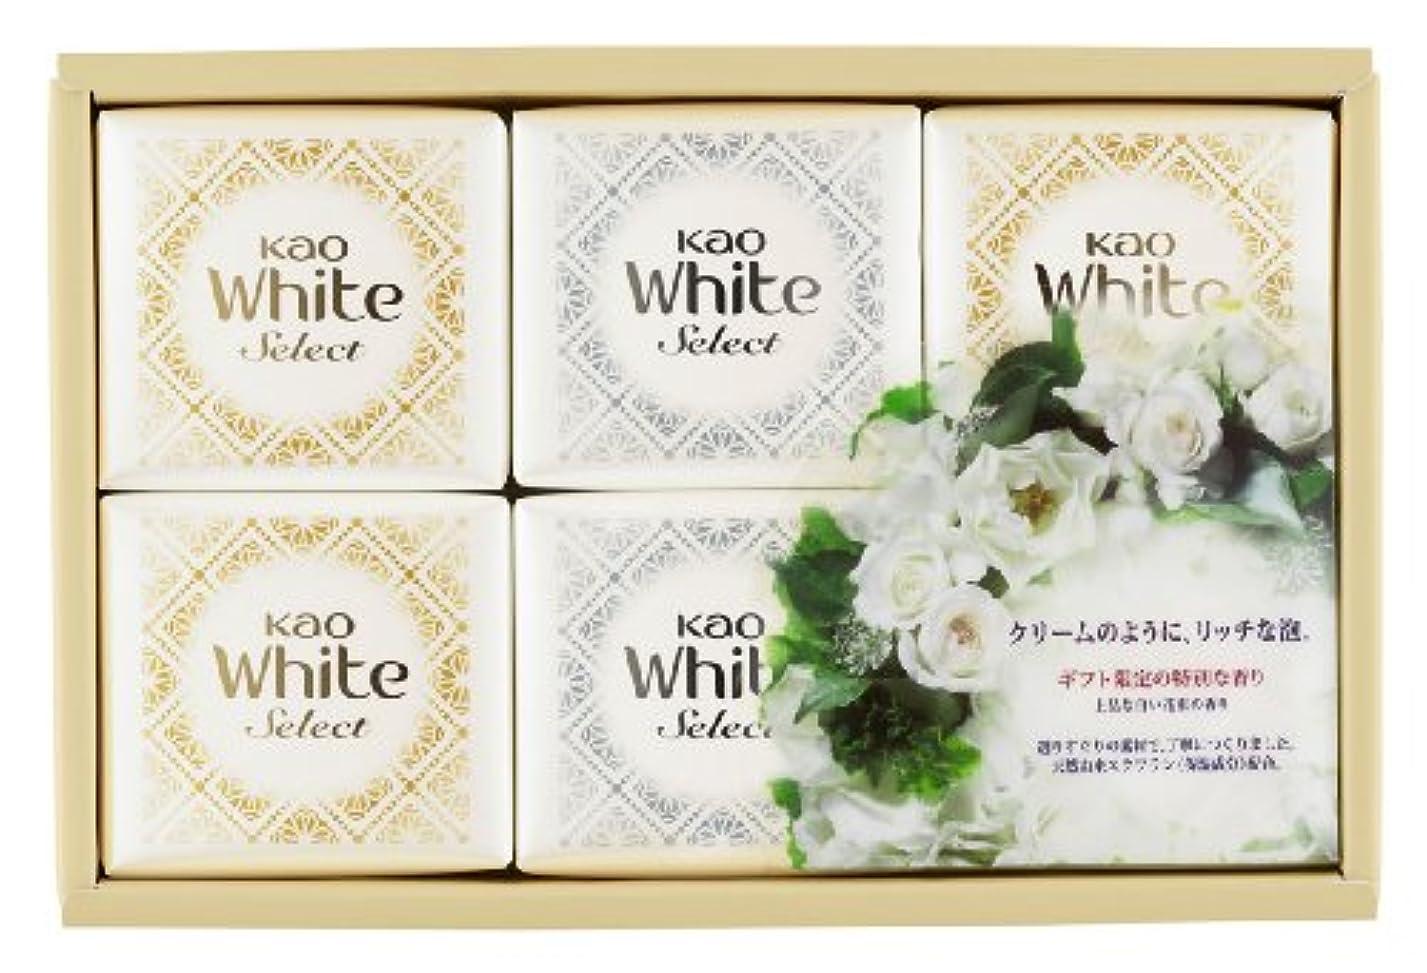 に同意する死んでいる踏み台花王ホワイト セレクト 上品な白い花束の香り 固形せっけん 6コ (K?WS-10)